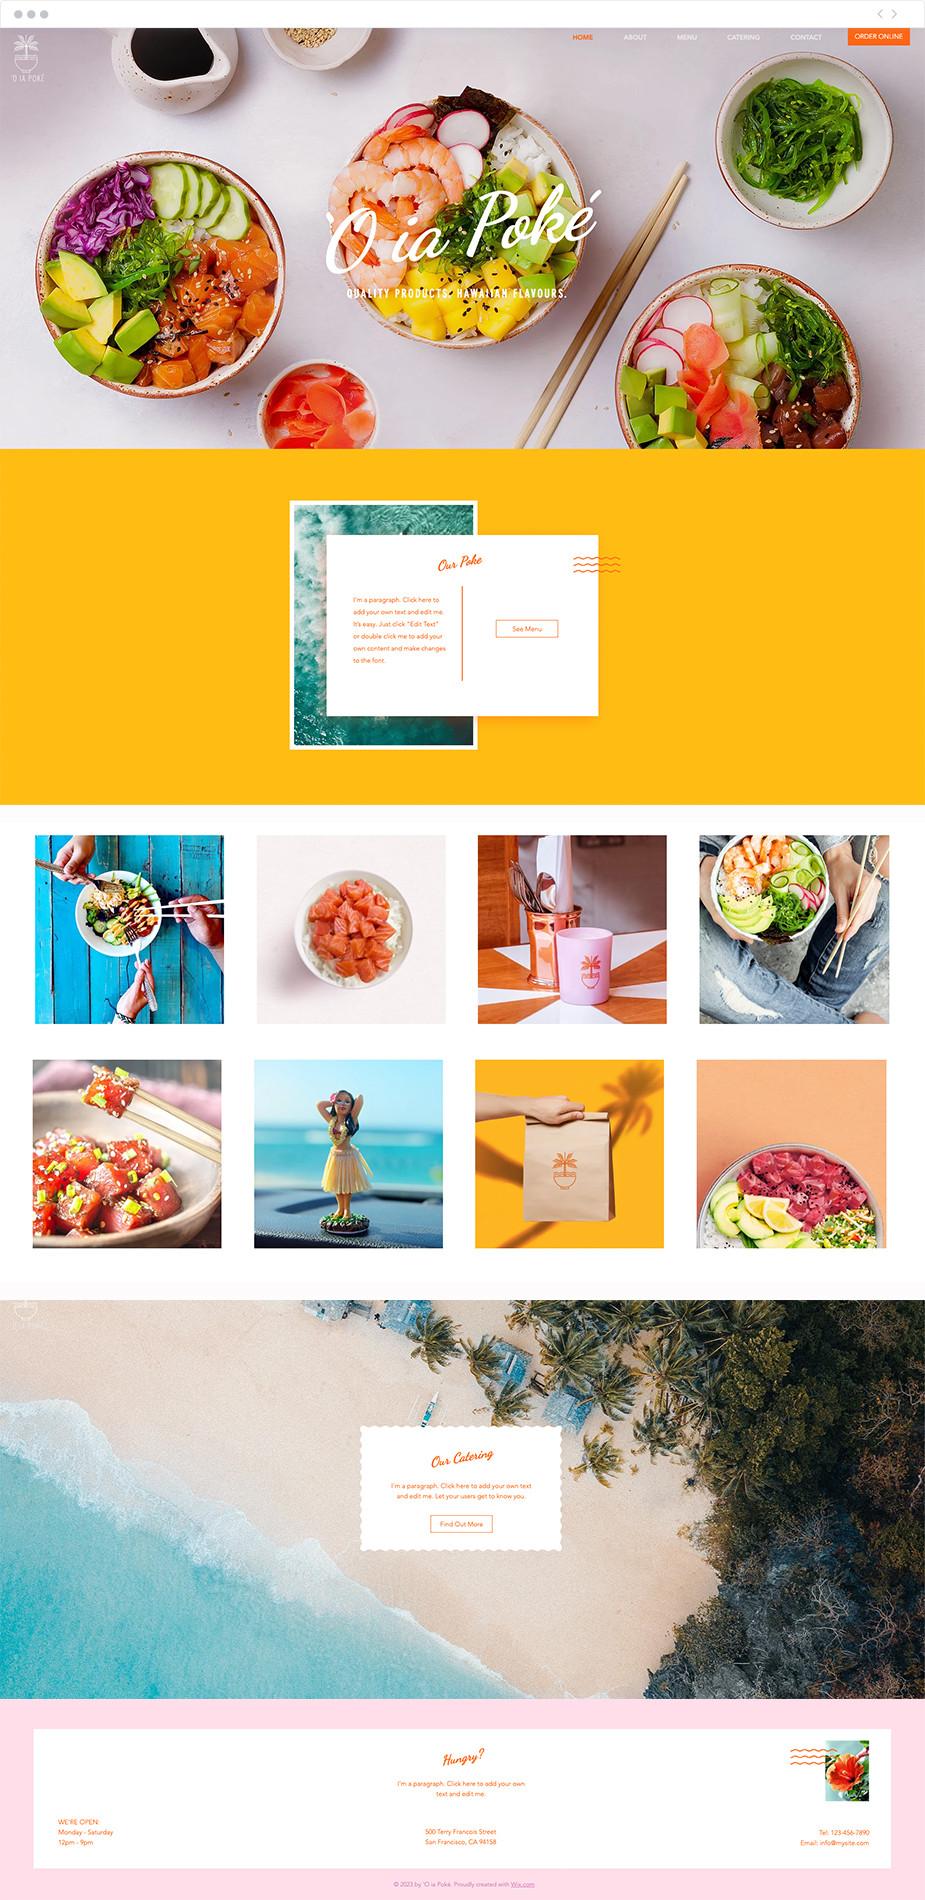 Template sito web per ristorante Poke